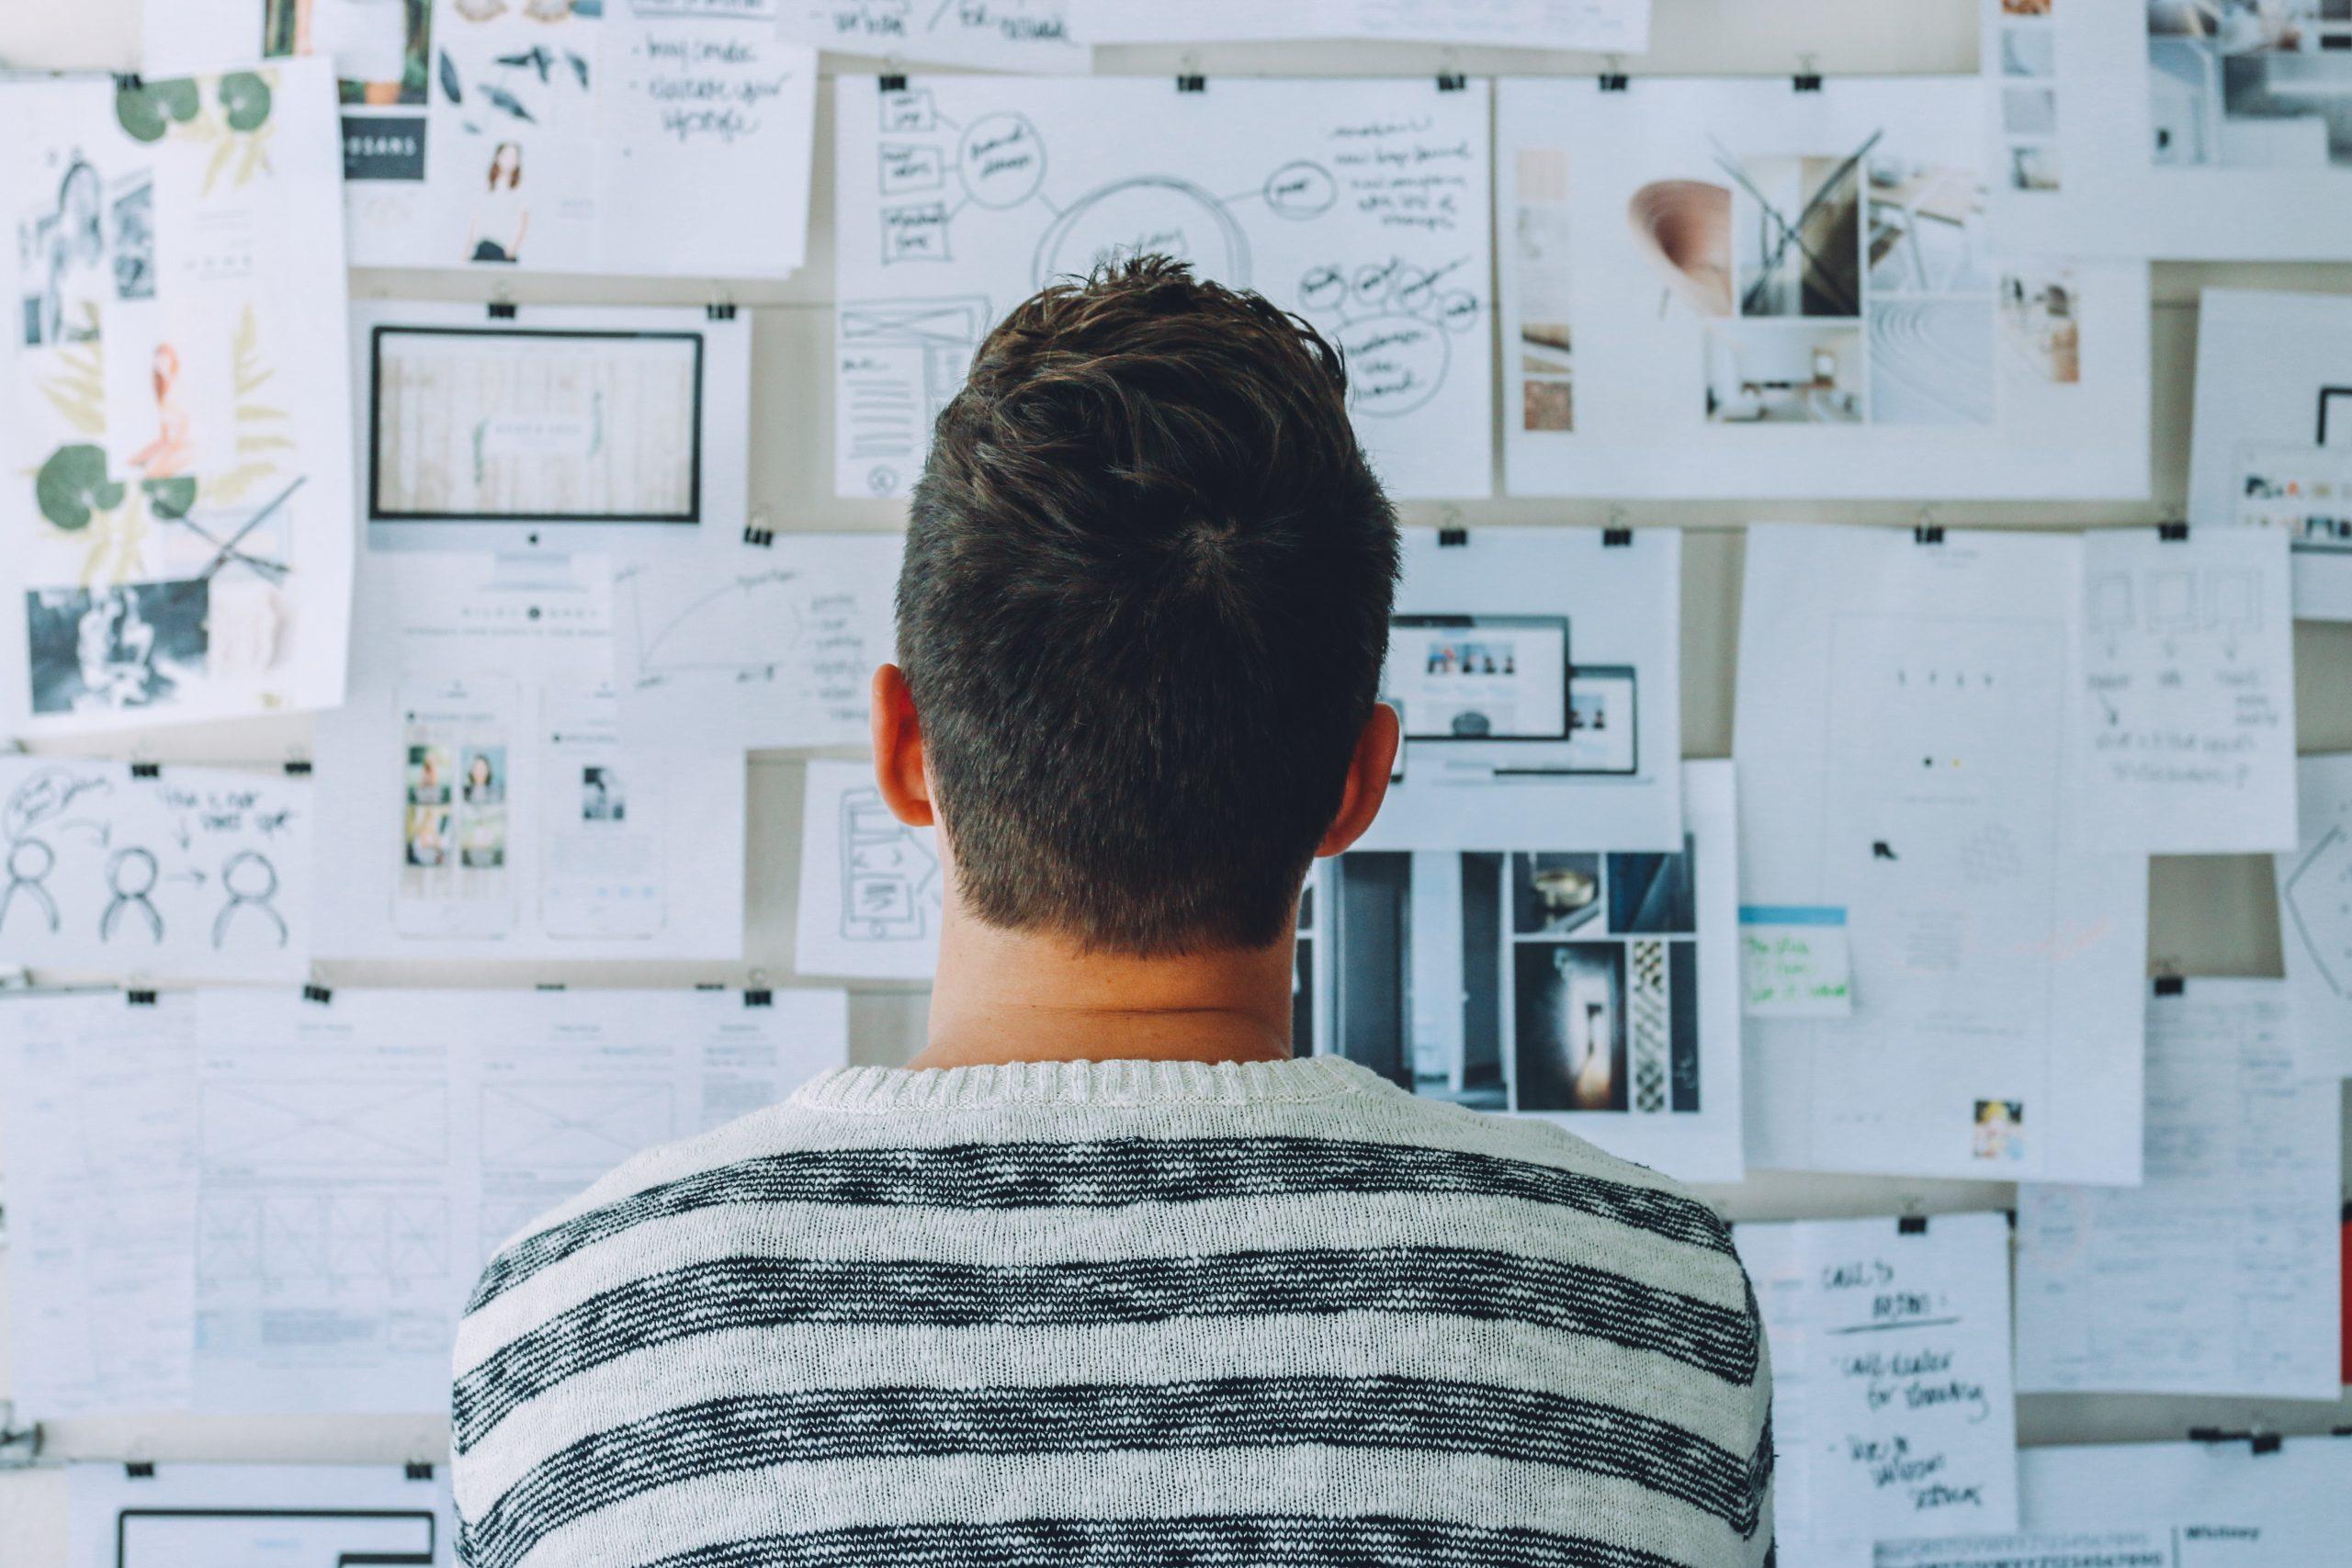 EHBBO (Eerste Hulp Bij Belabberde OKR's) – Wat kan ik doen als mijn OKR's beperkt resultaten opleveren